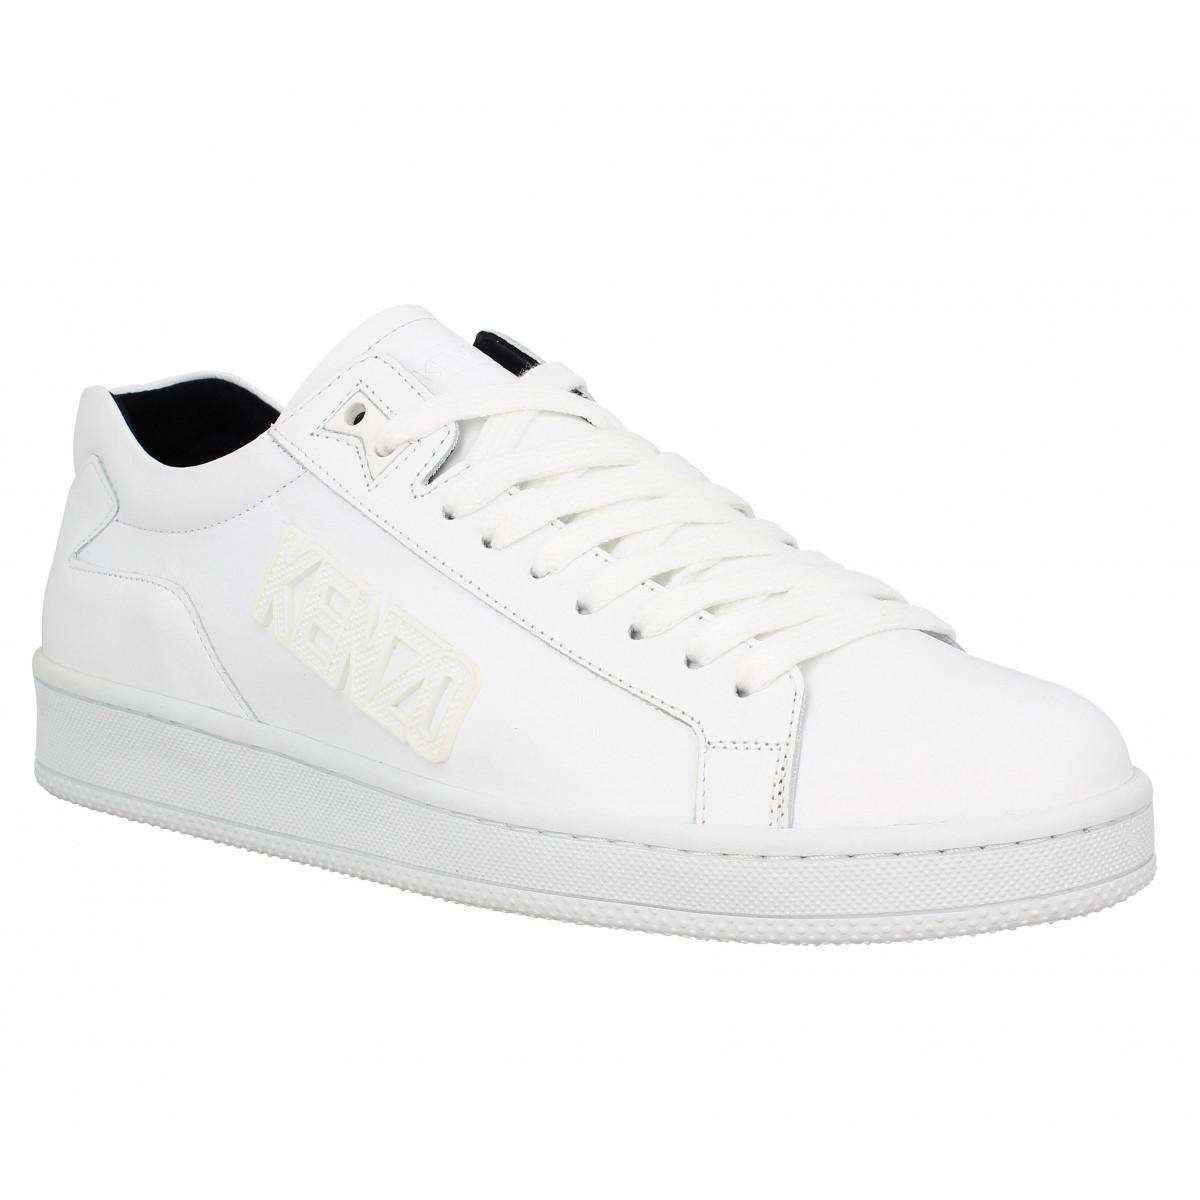 a68e42bc9a3d Kenzo tennix cuir homme blanc   Fanny chaussures